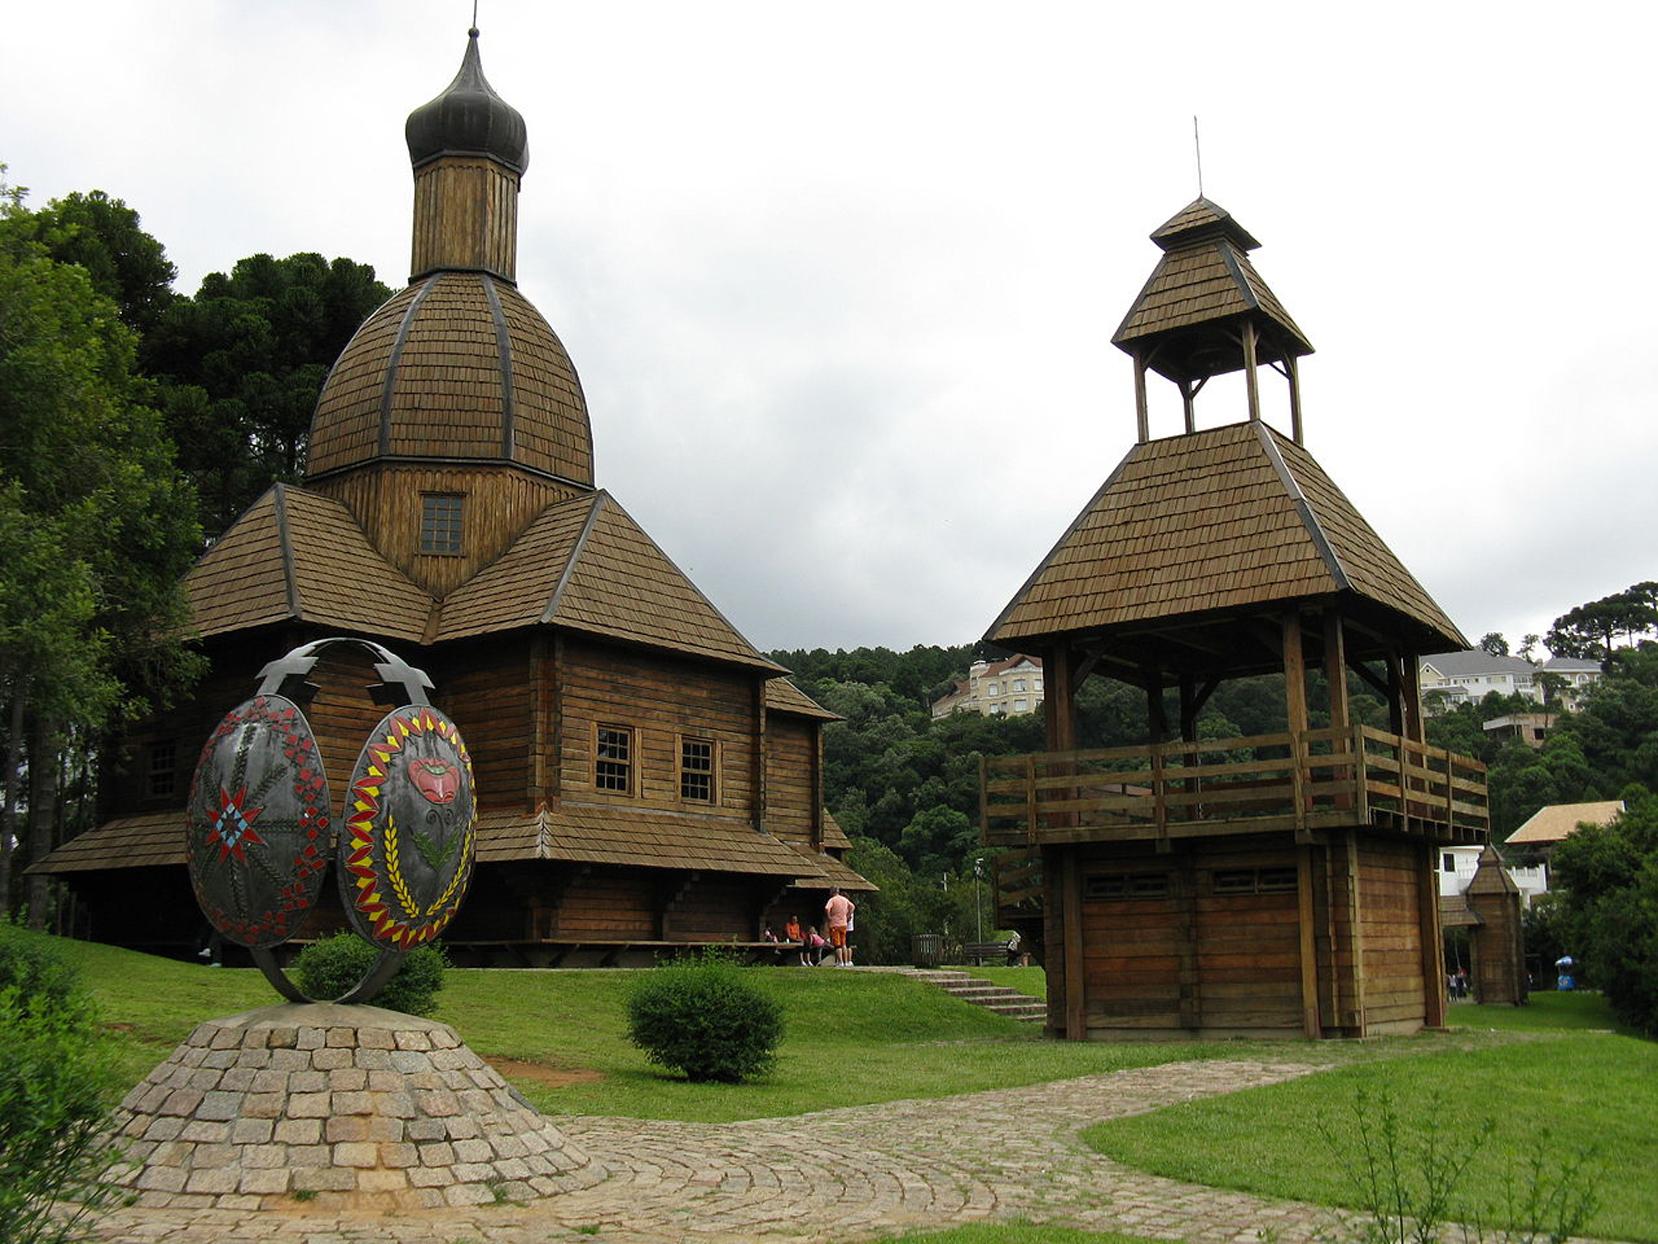 Parque Tingui, Curitiba, Paraná